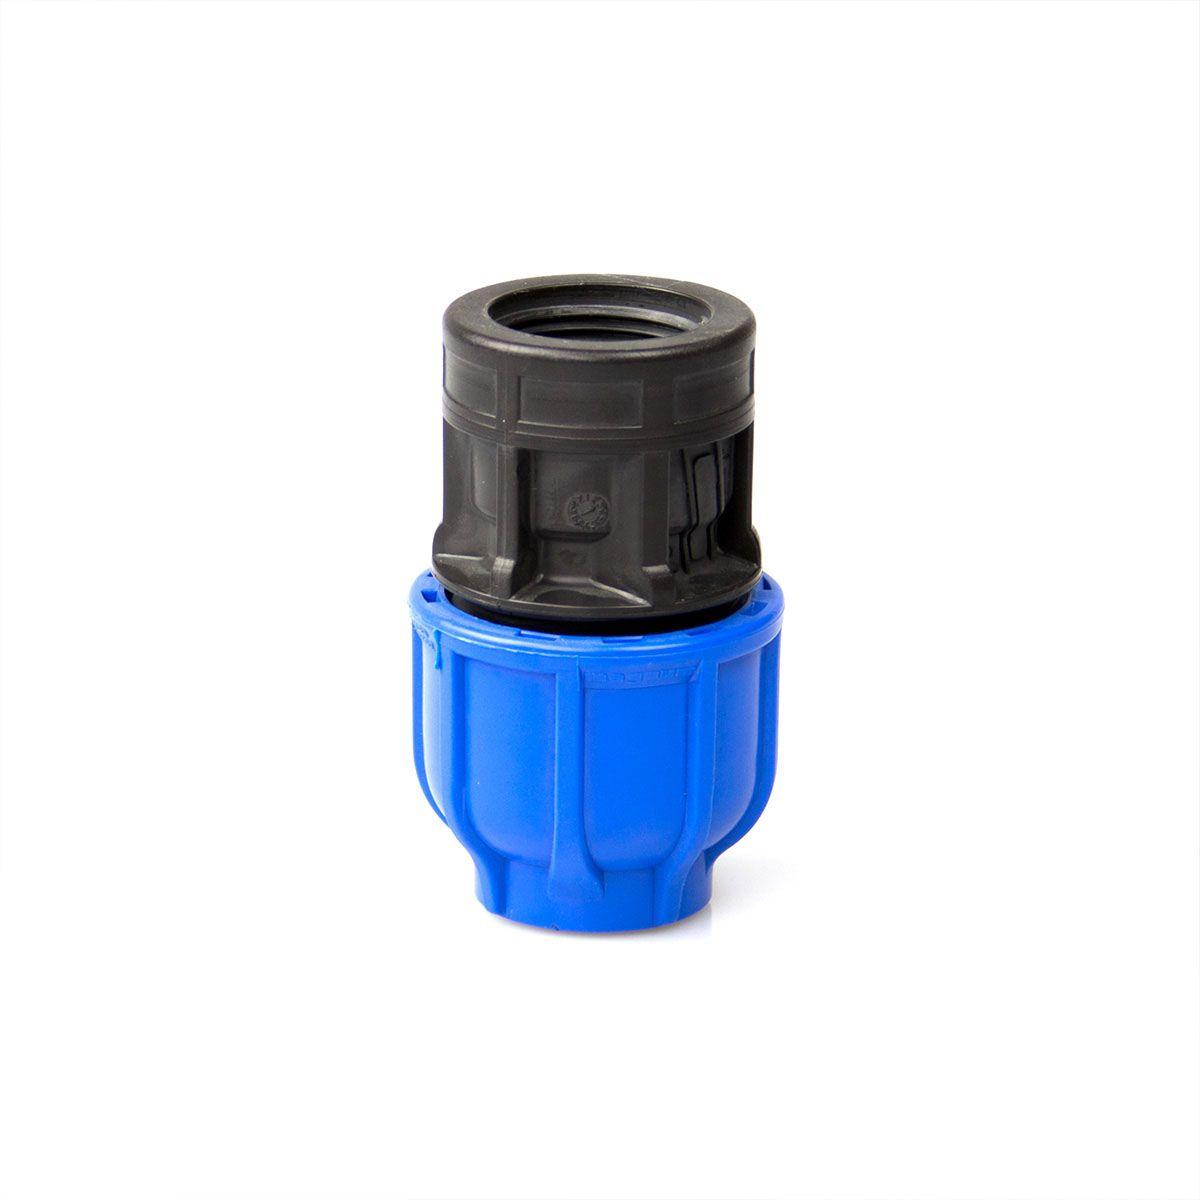 Muffenkupplung IG, aus PP, blau-schwarz, d 20 mm, 3/4' IG, PN 16